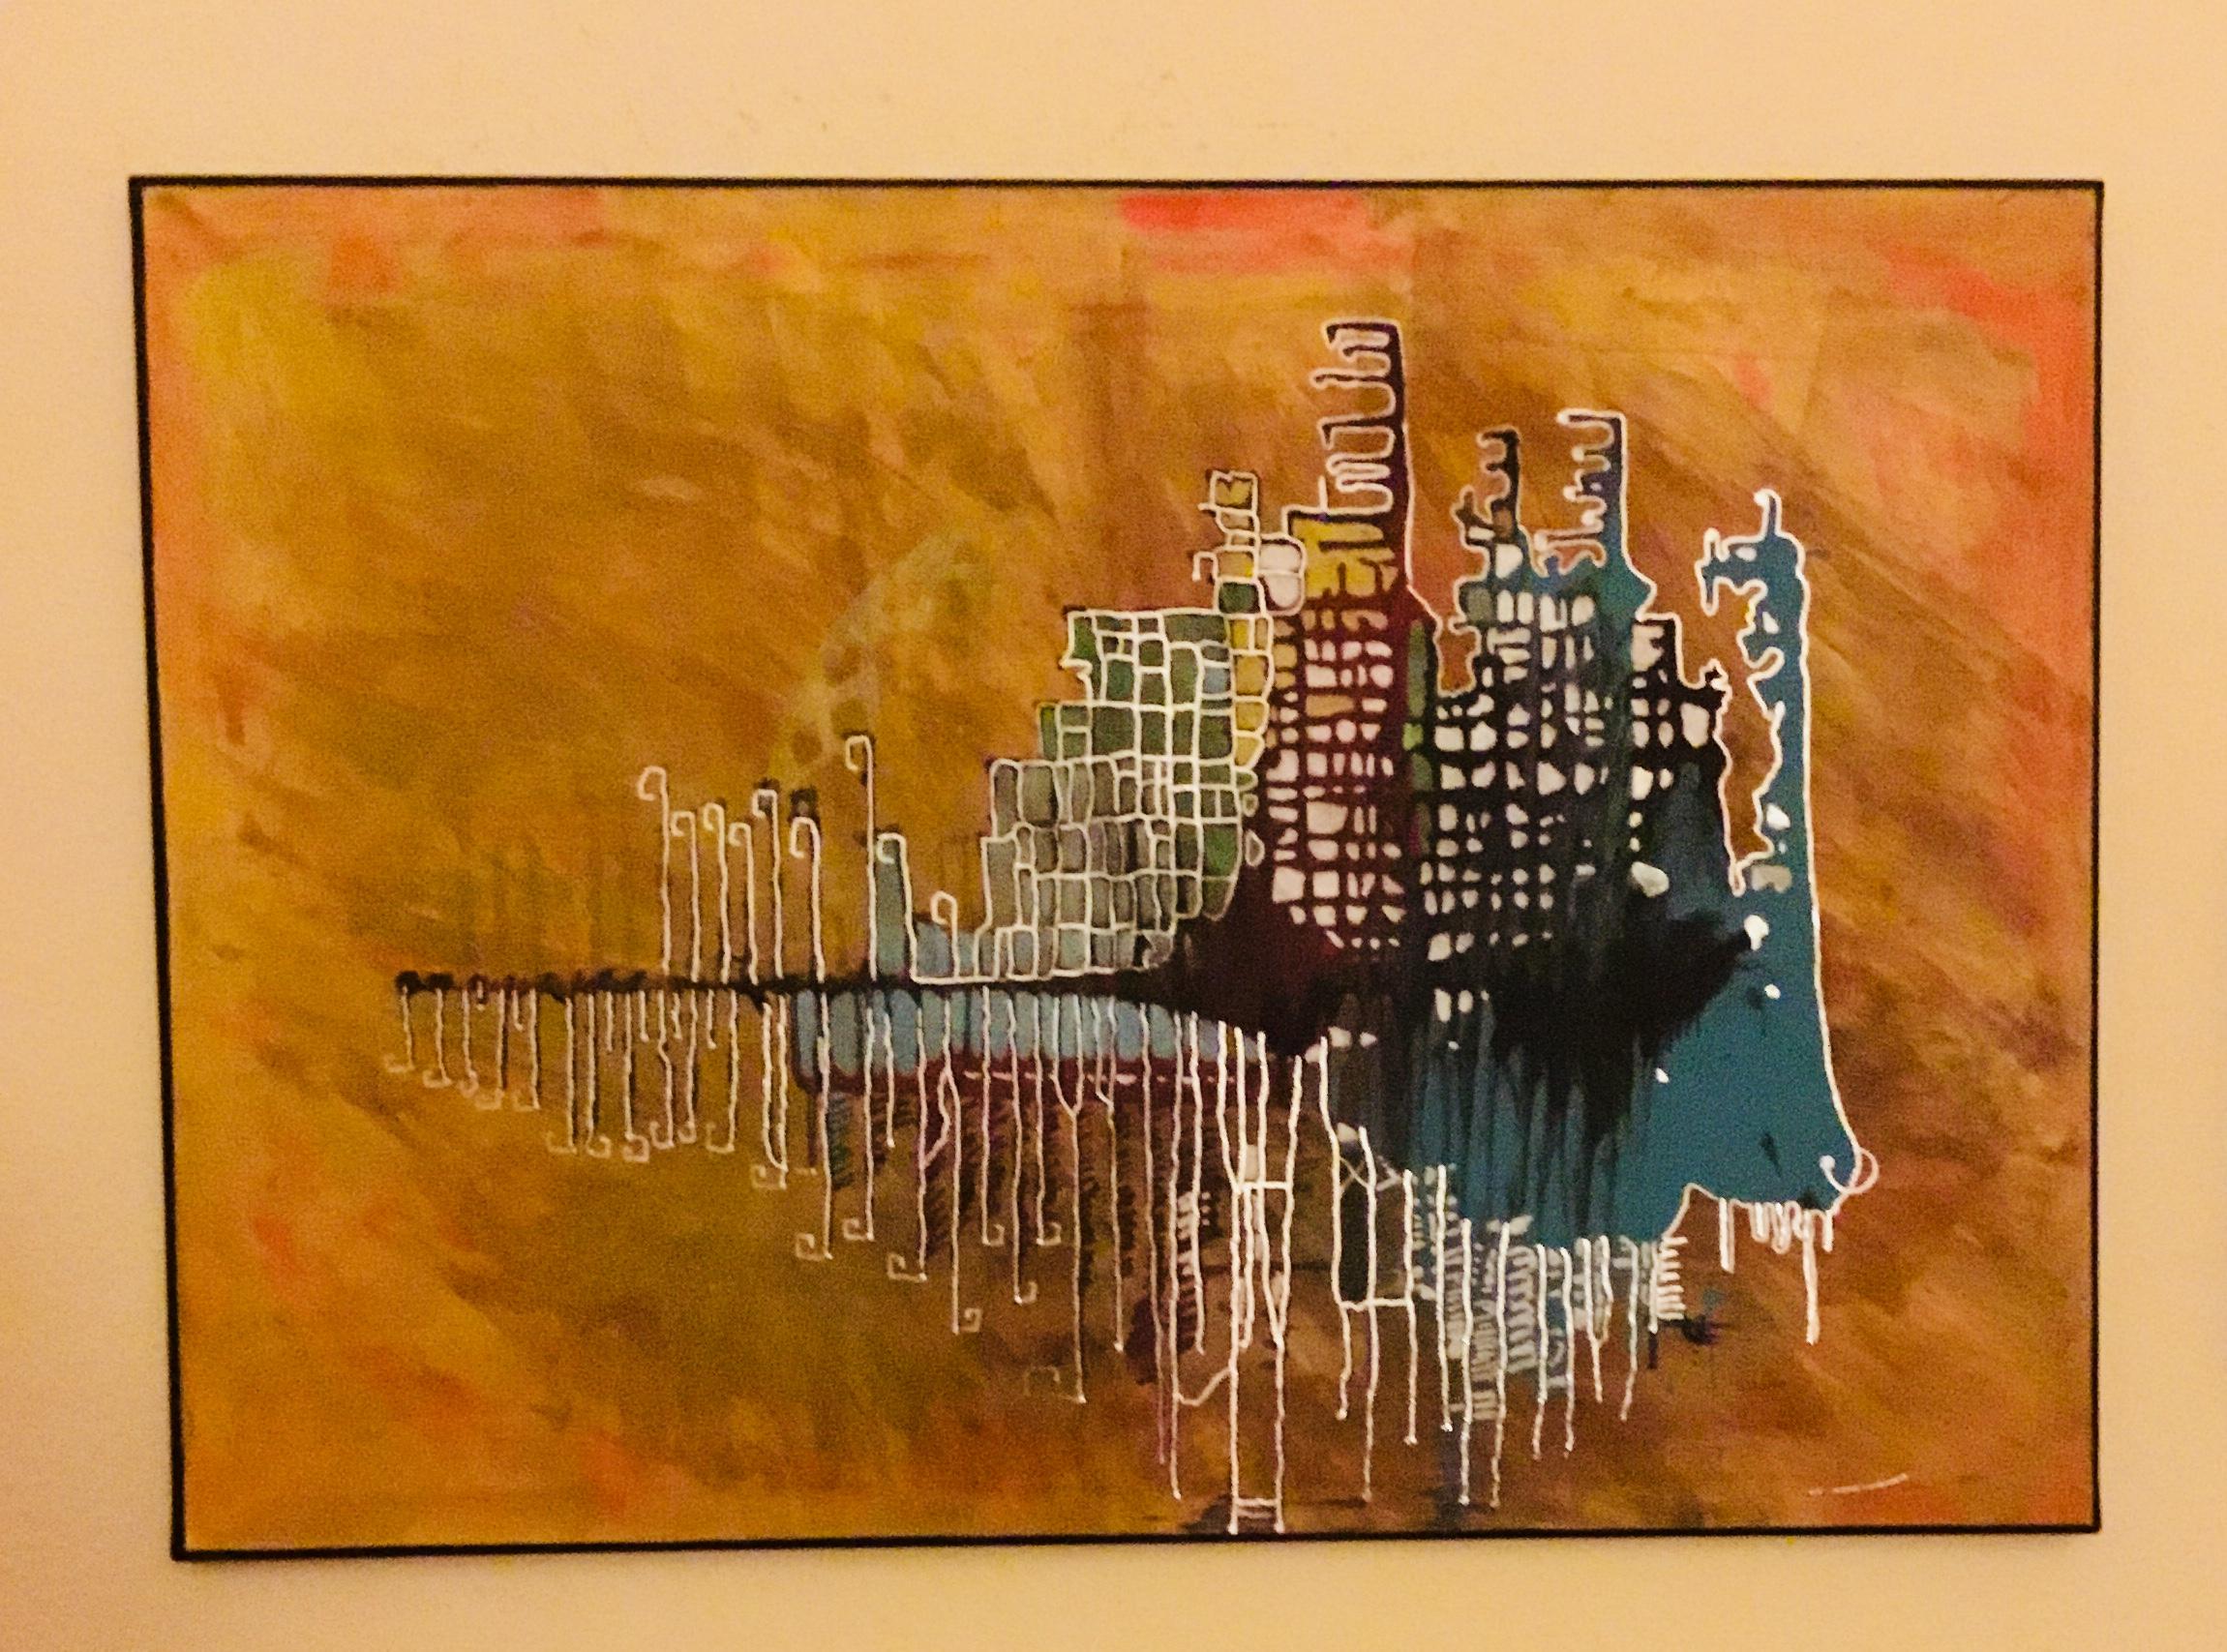 Arena Acryl on Canvas 100 x 70 cm